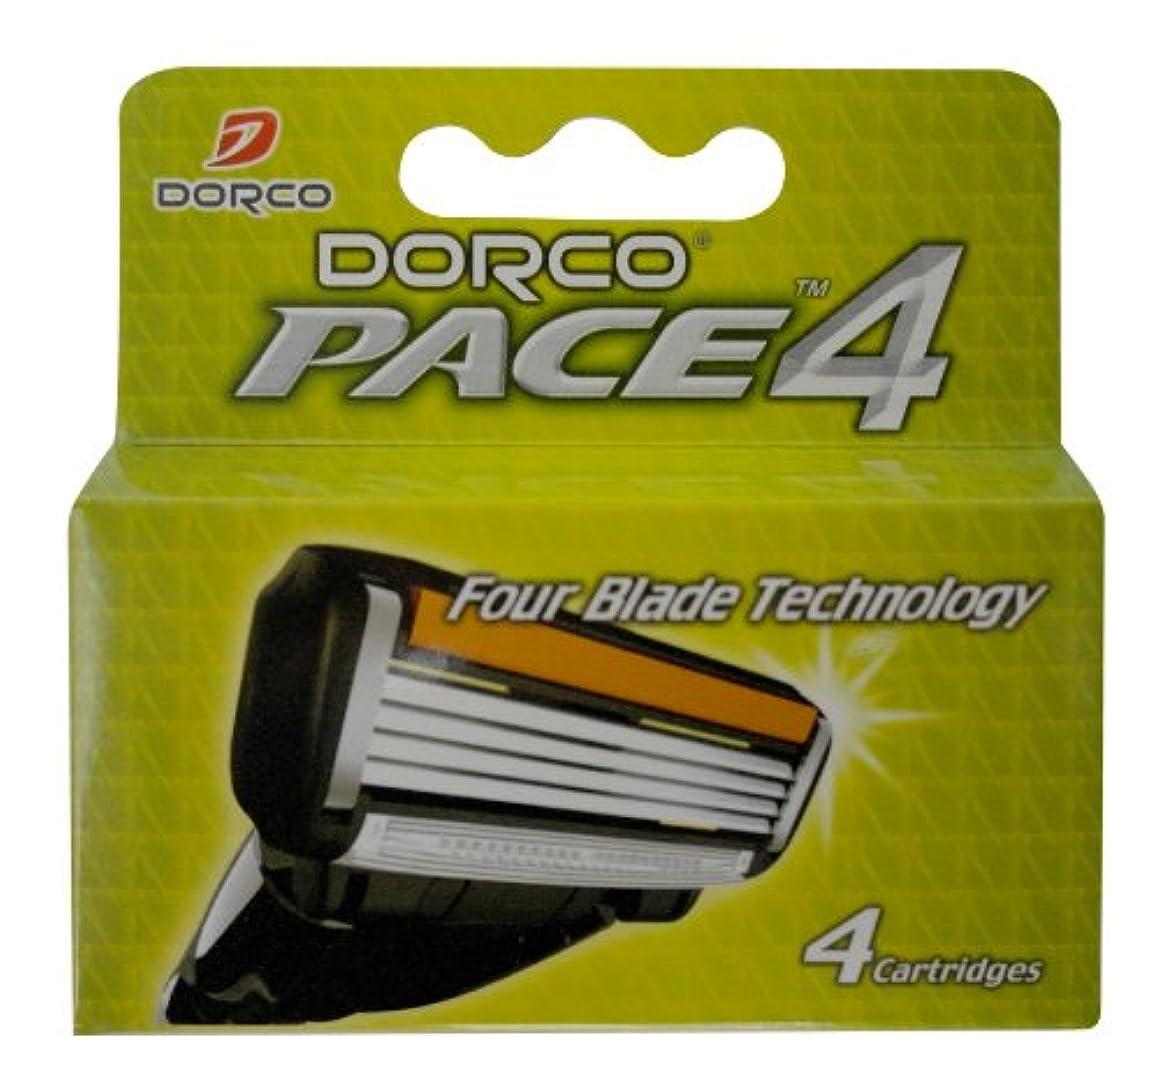 マイクロプロセッサ田舎モトリーDORCO ドルコ PACE4 男性用替刃式 カミソリ4枚刃 替え刃